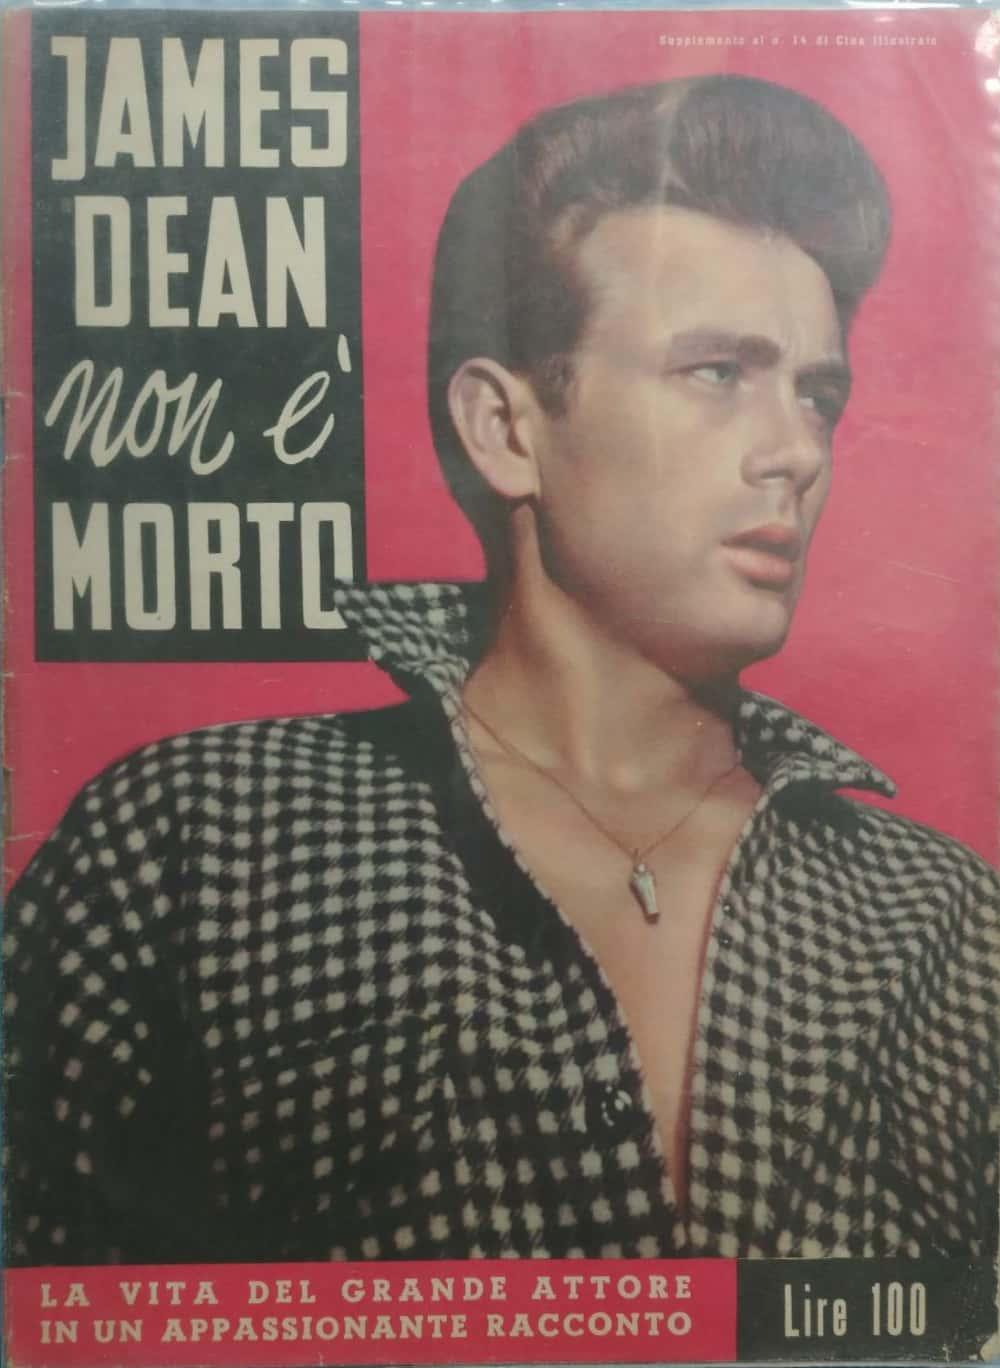 Su eBay c'è qualcosa di raro su James Dean!